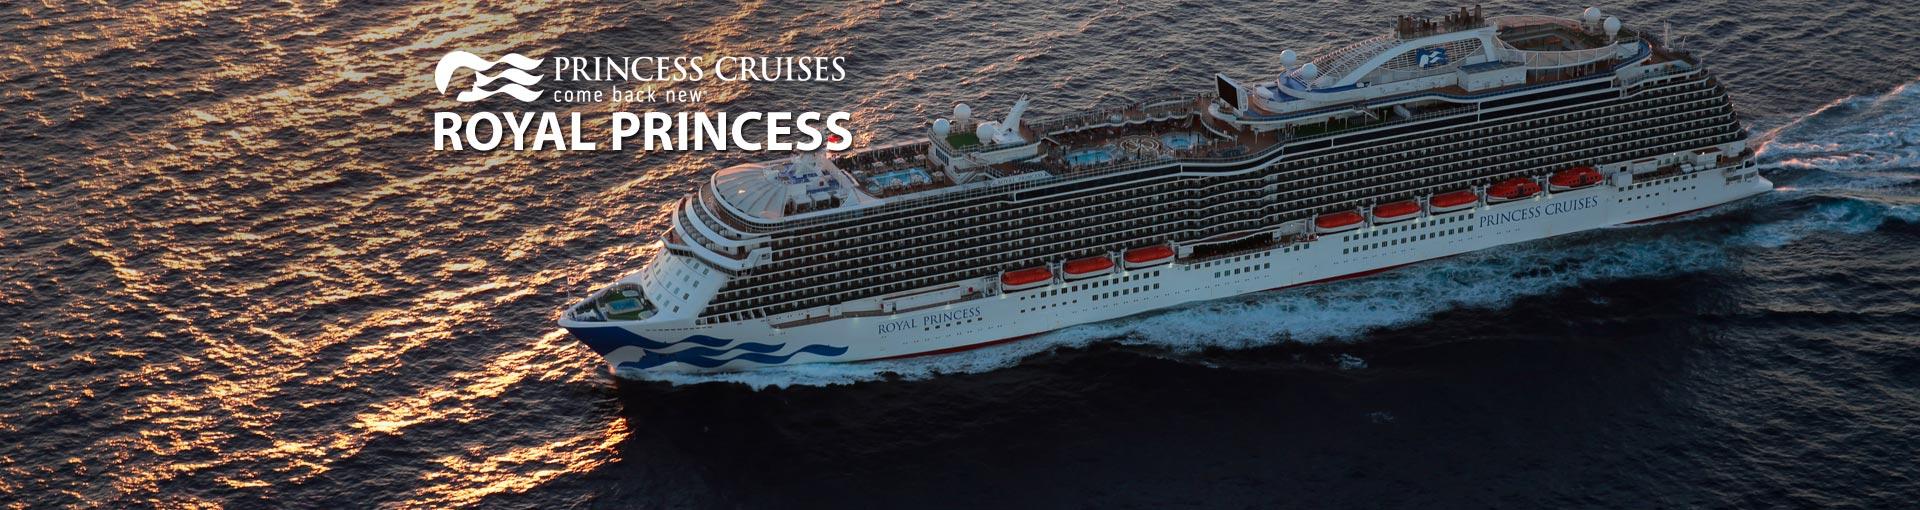 Princess Cruises Royal Princess cruise ship